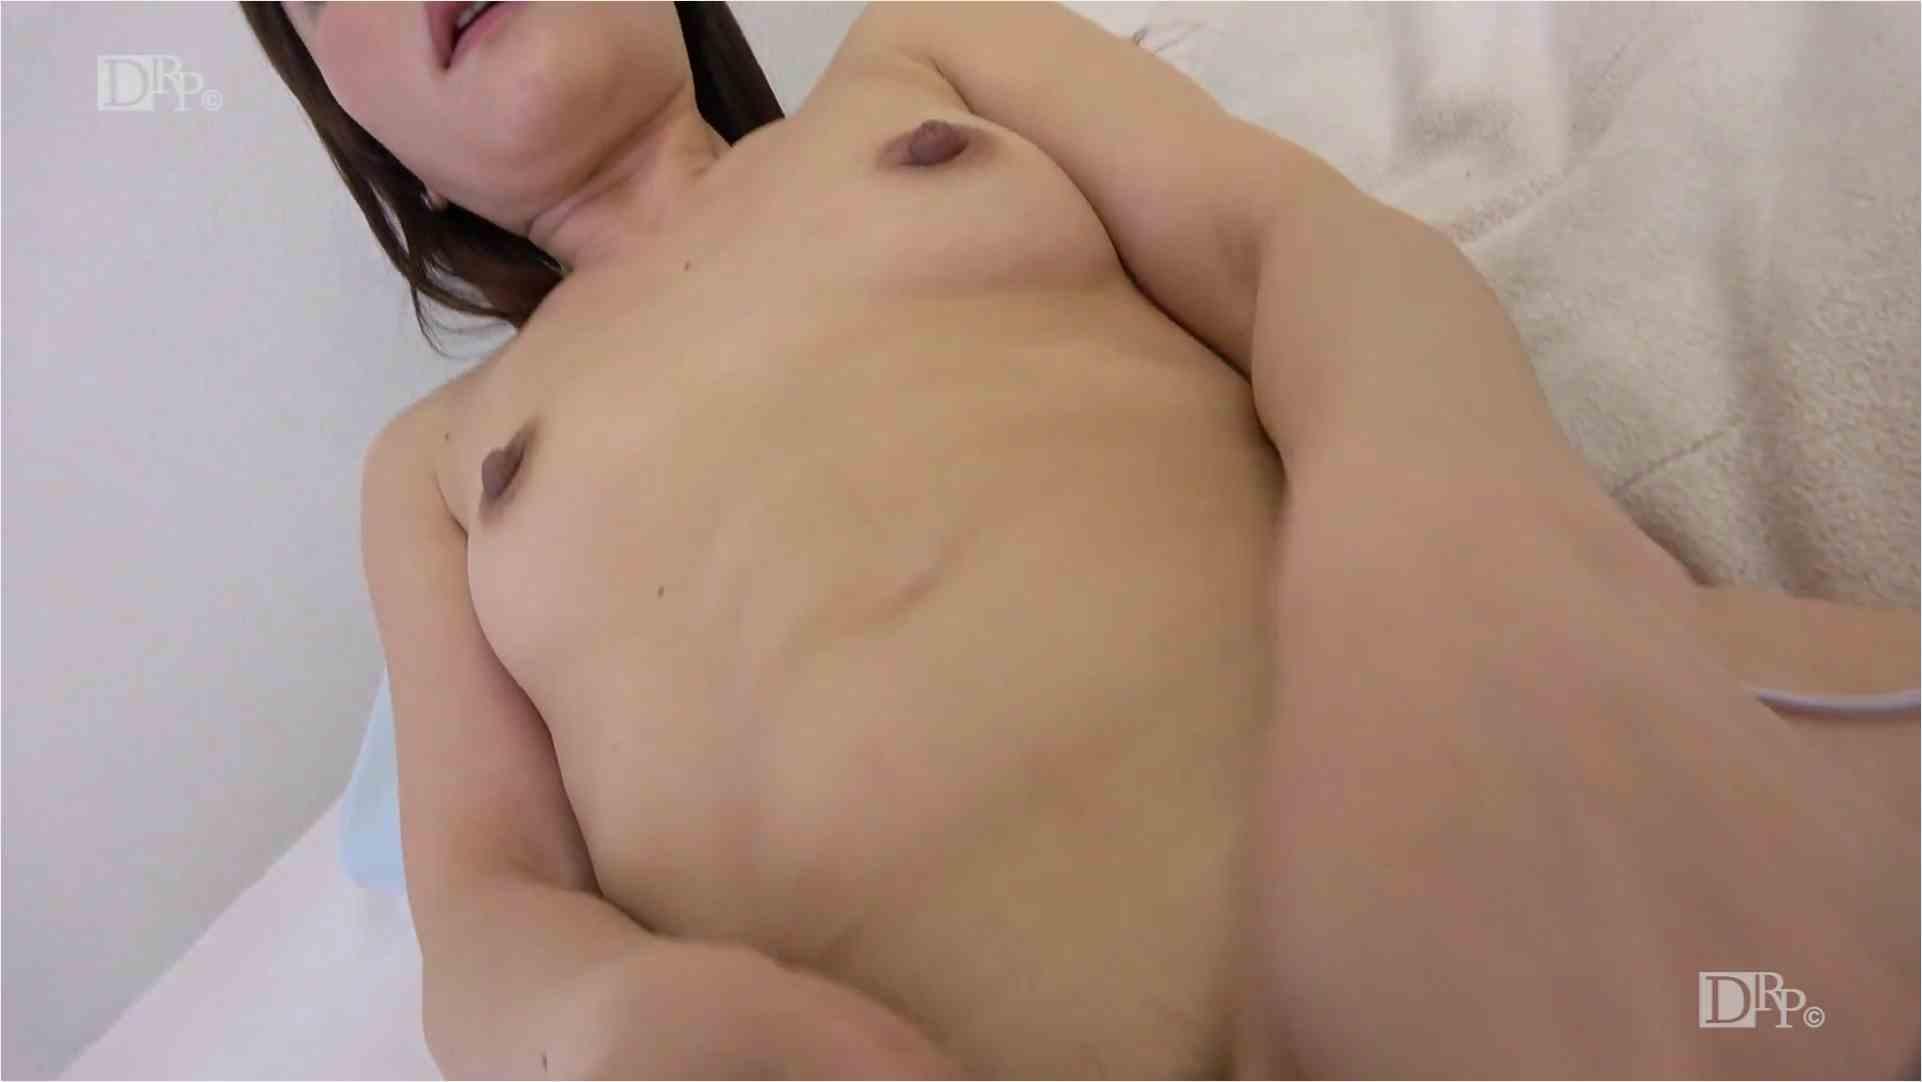 Heyzo-1684-妄想実現!隣の奥様とドスケベなことしちゃいました!!